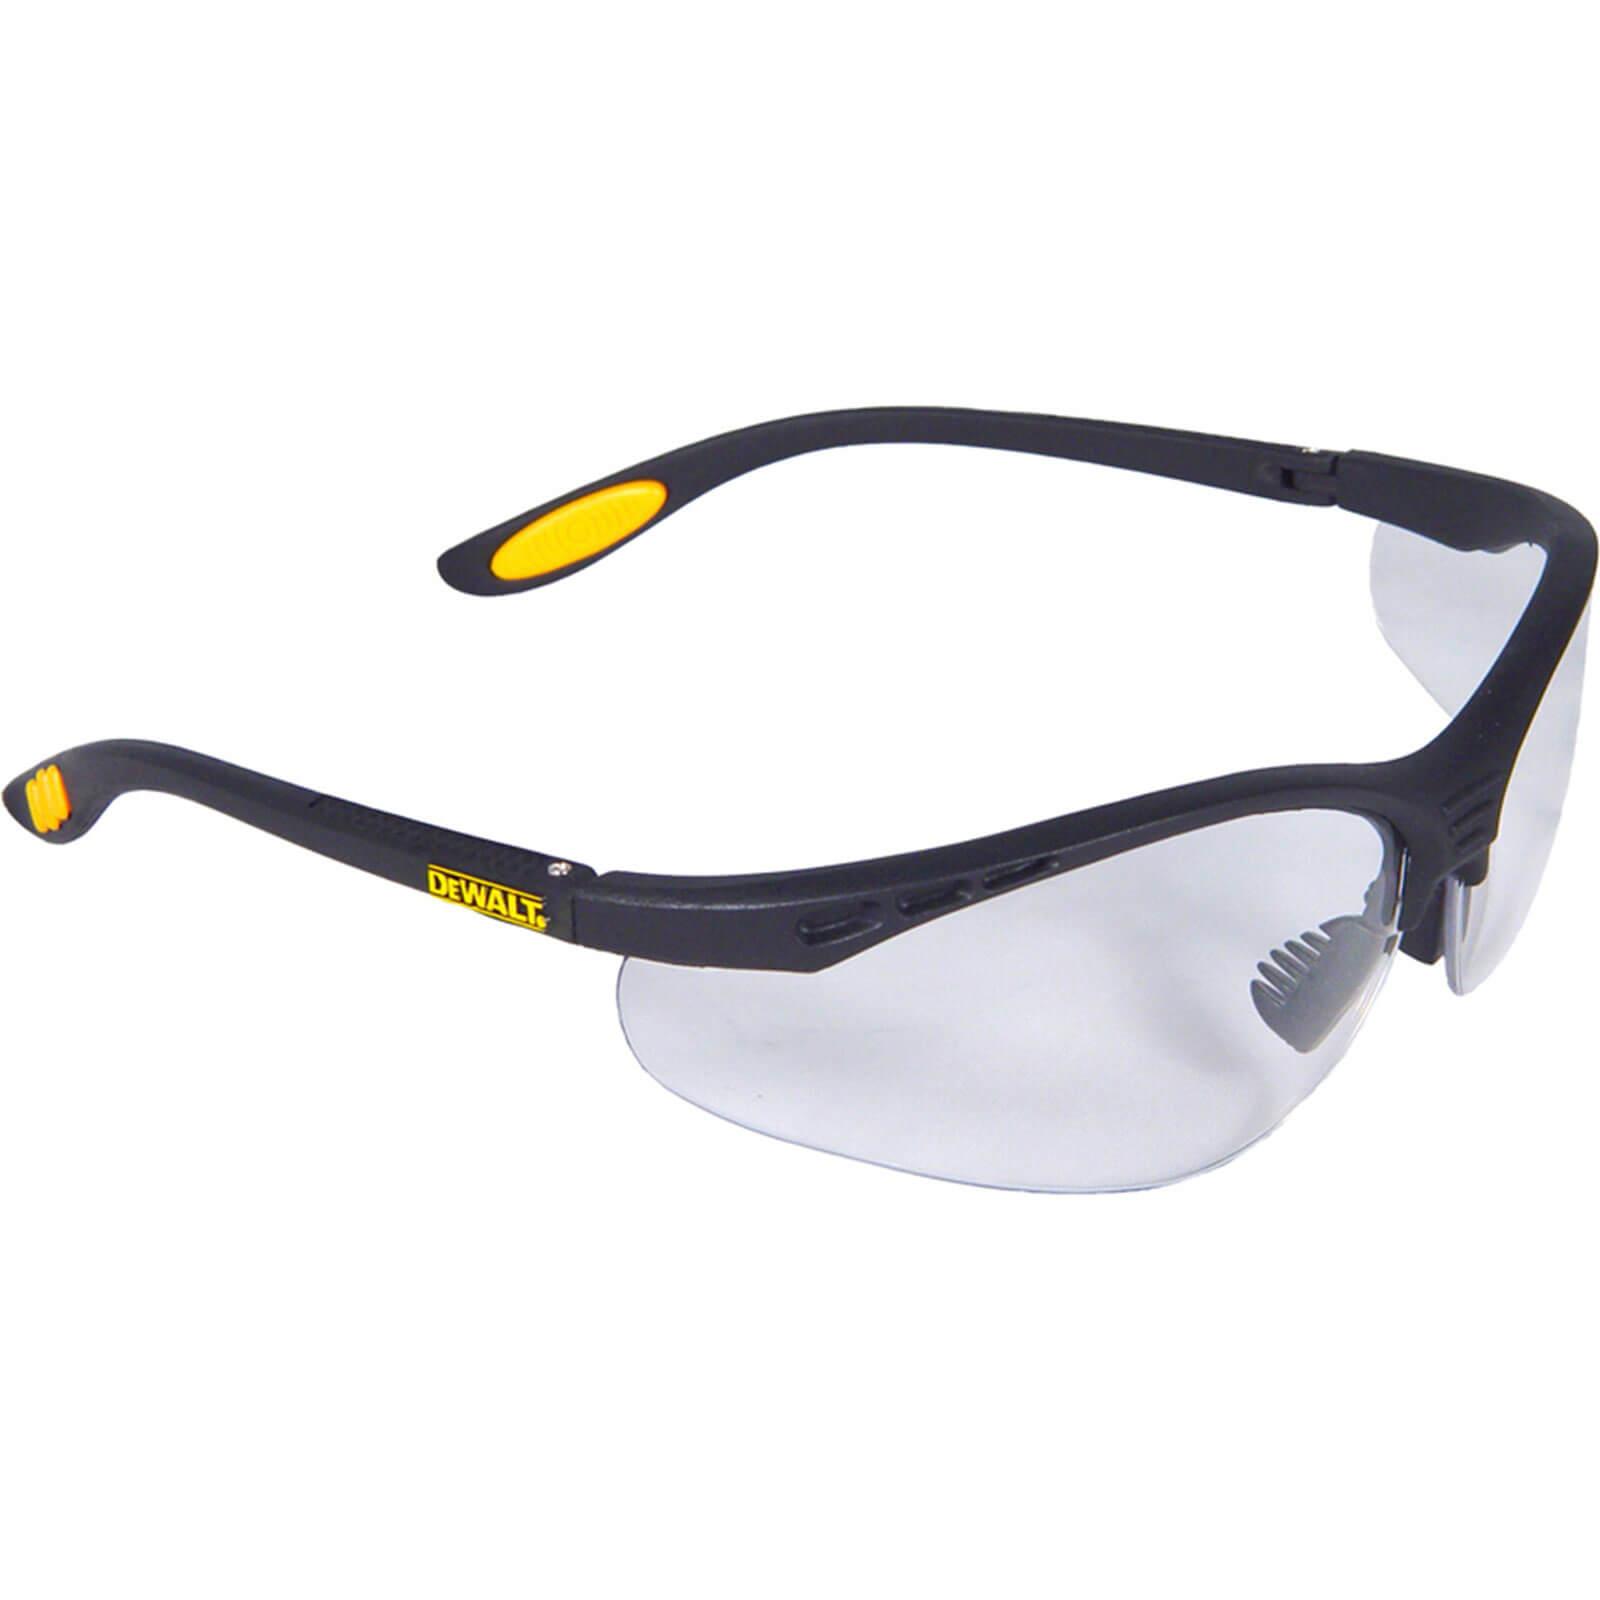 DeWalt Reinforcer Clear Safety Glasses